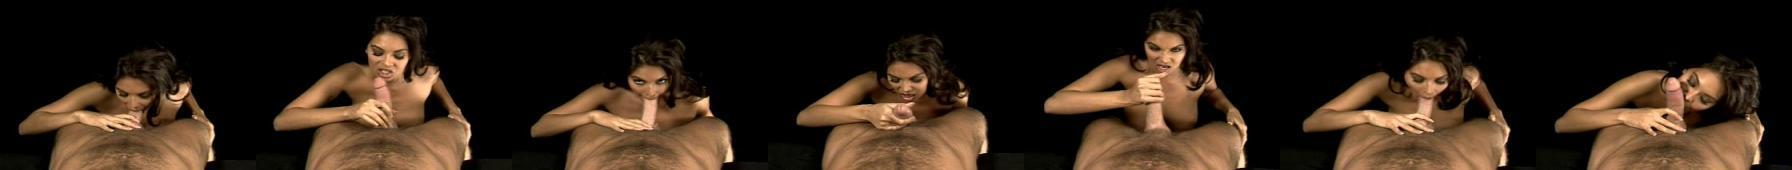 Filmy porno z Tera Patrick